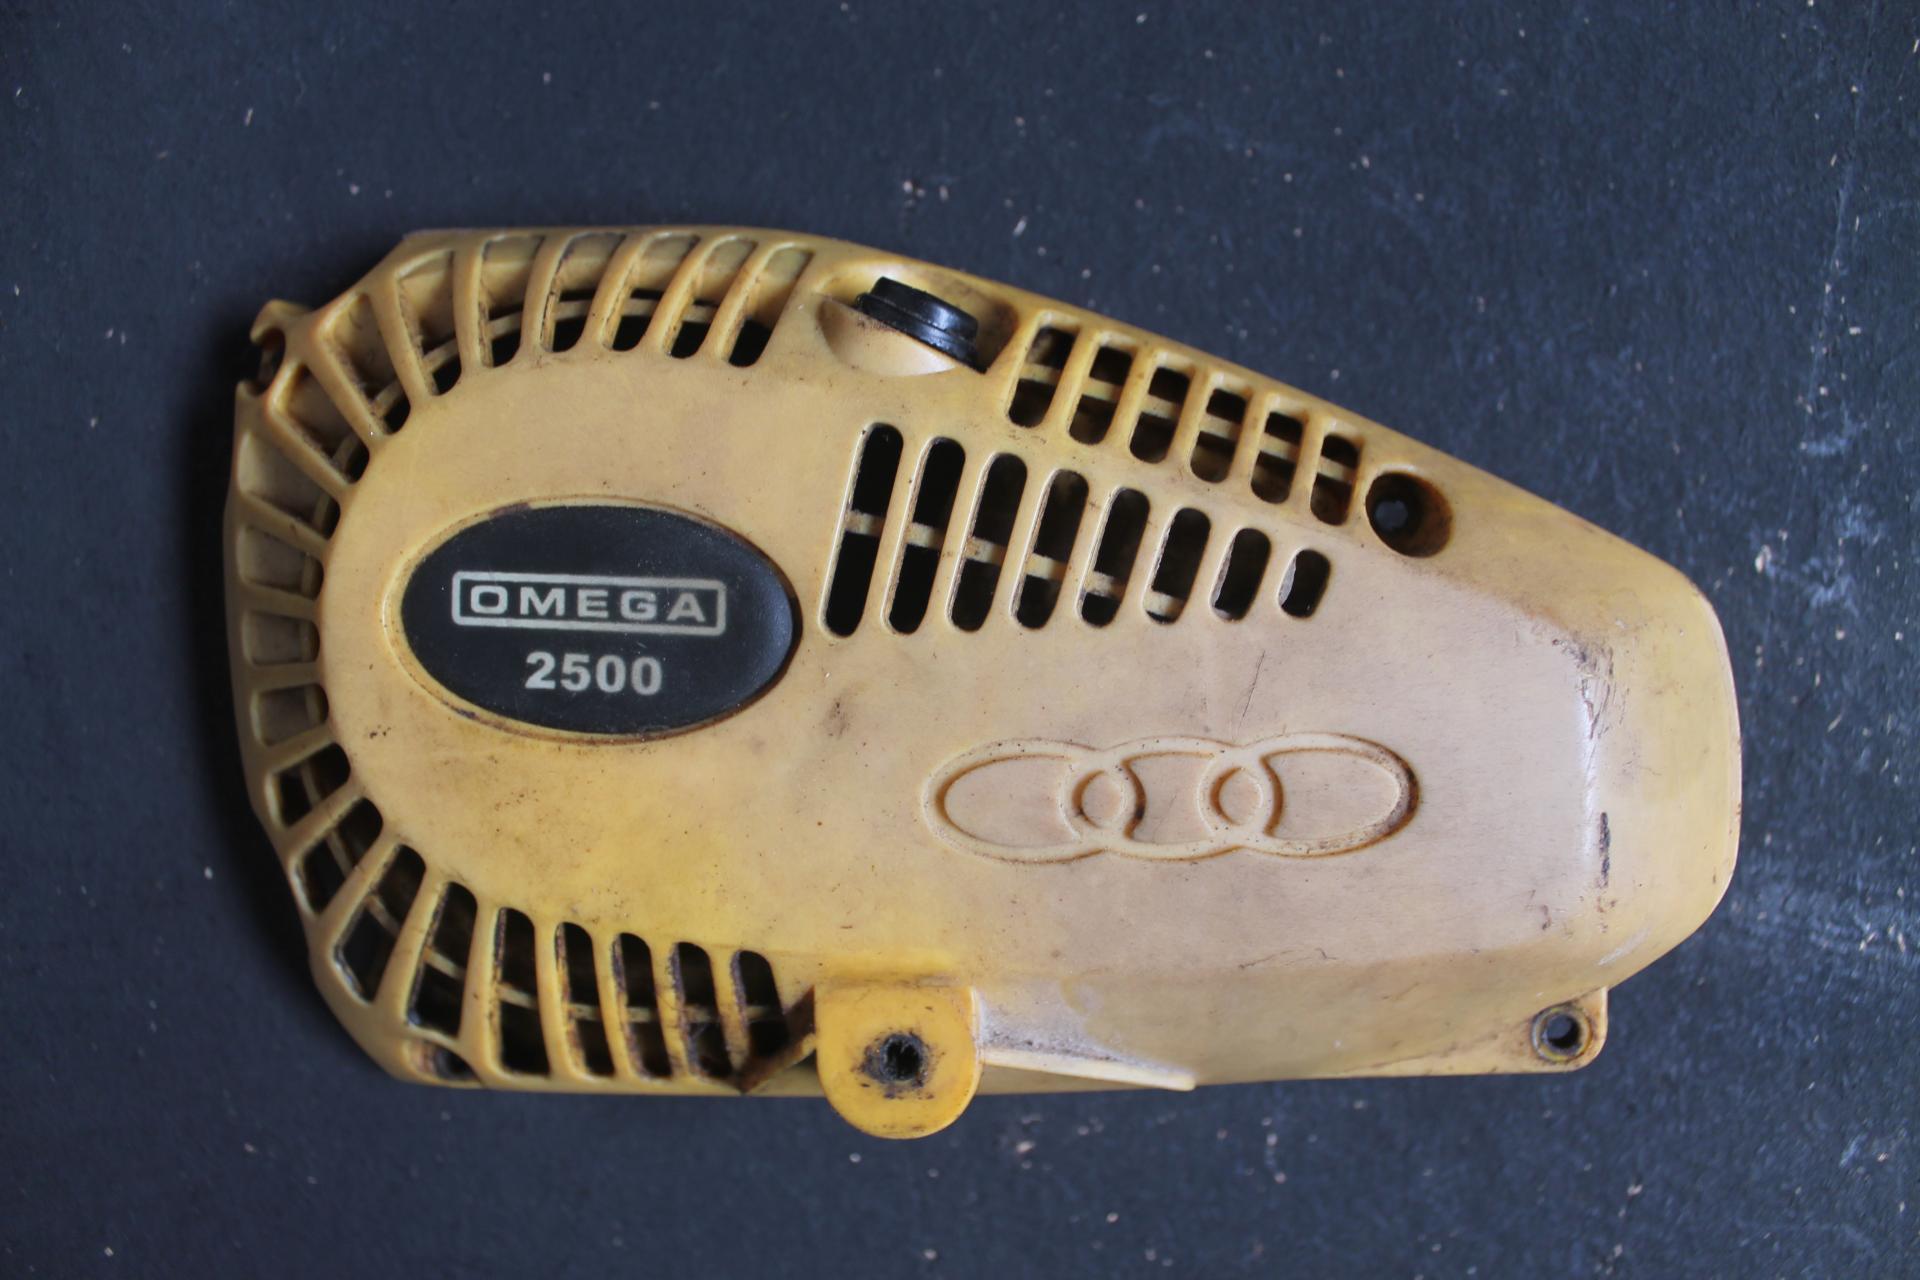 Arranque Omega 2500